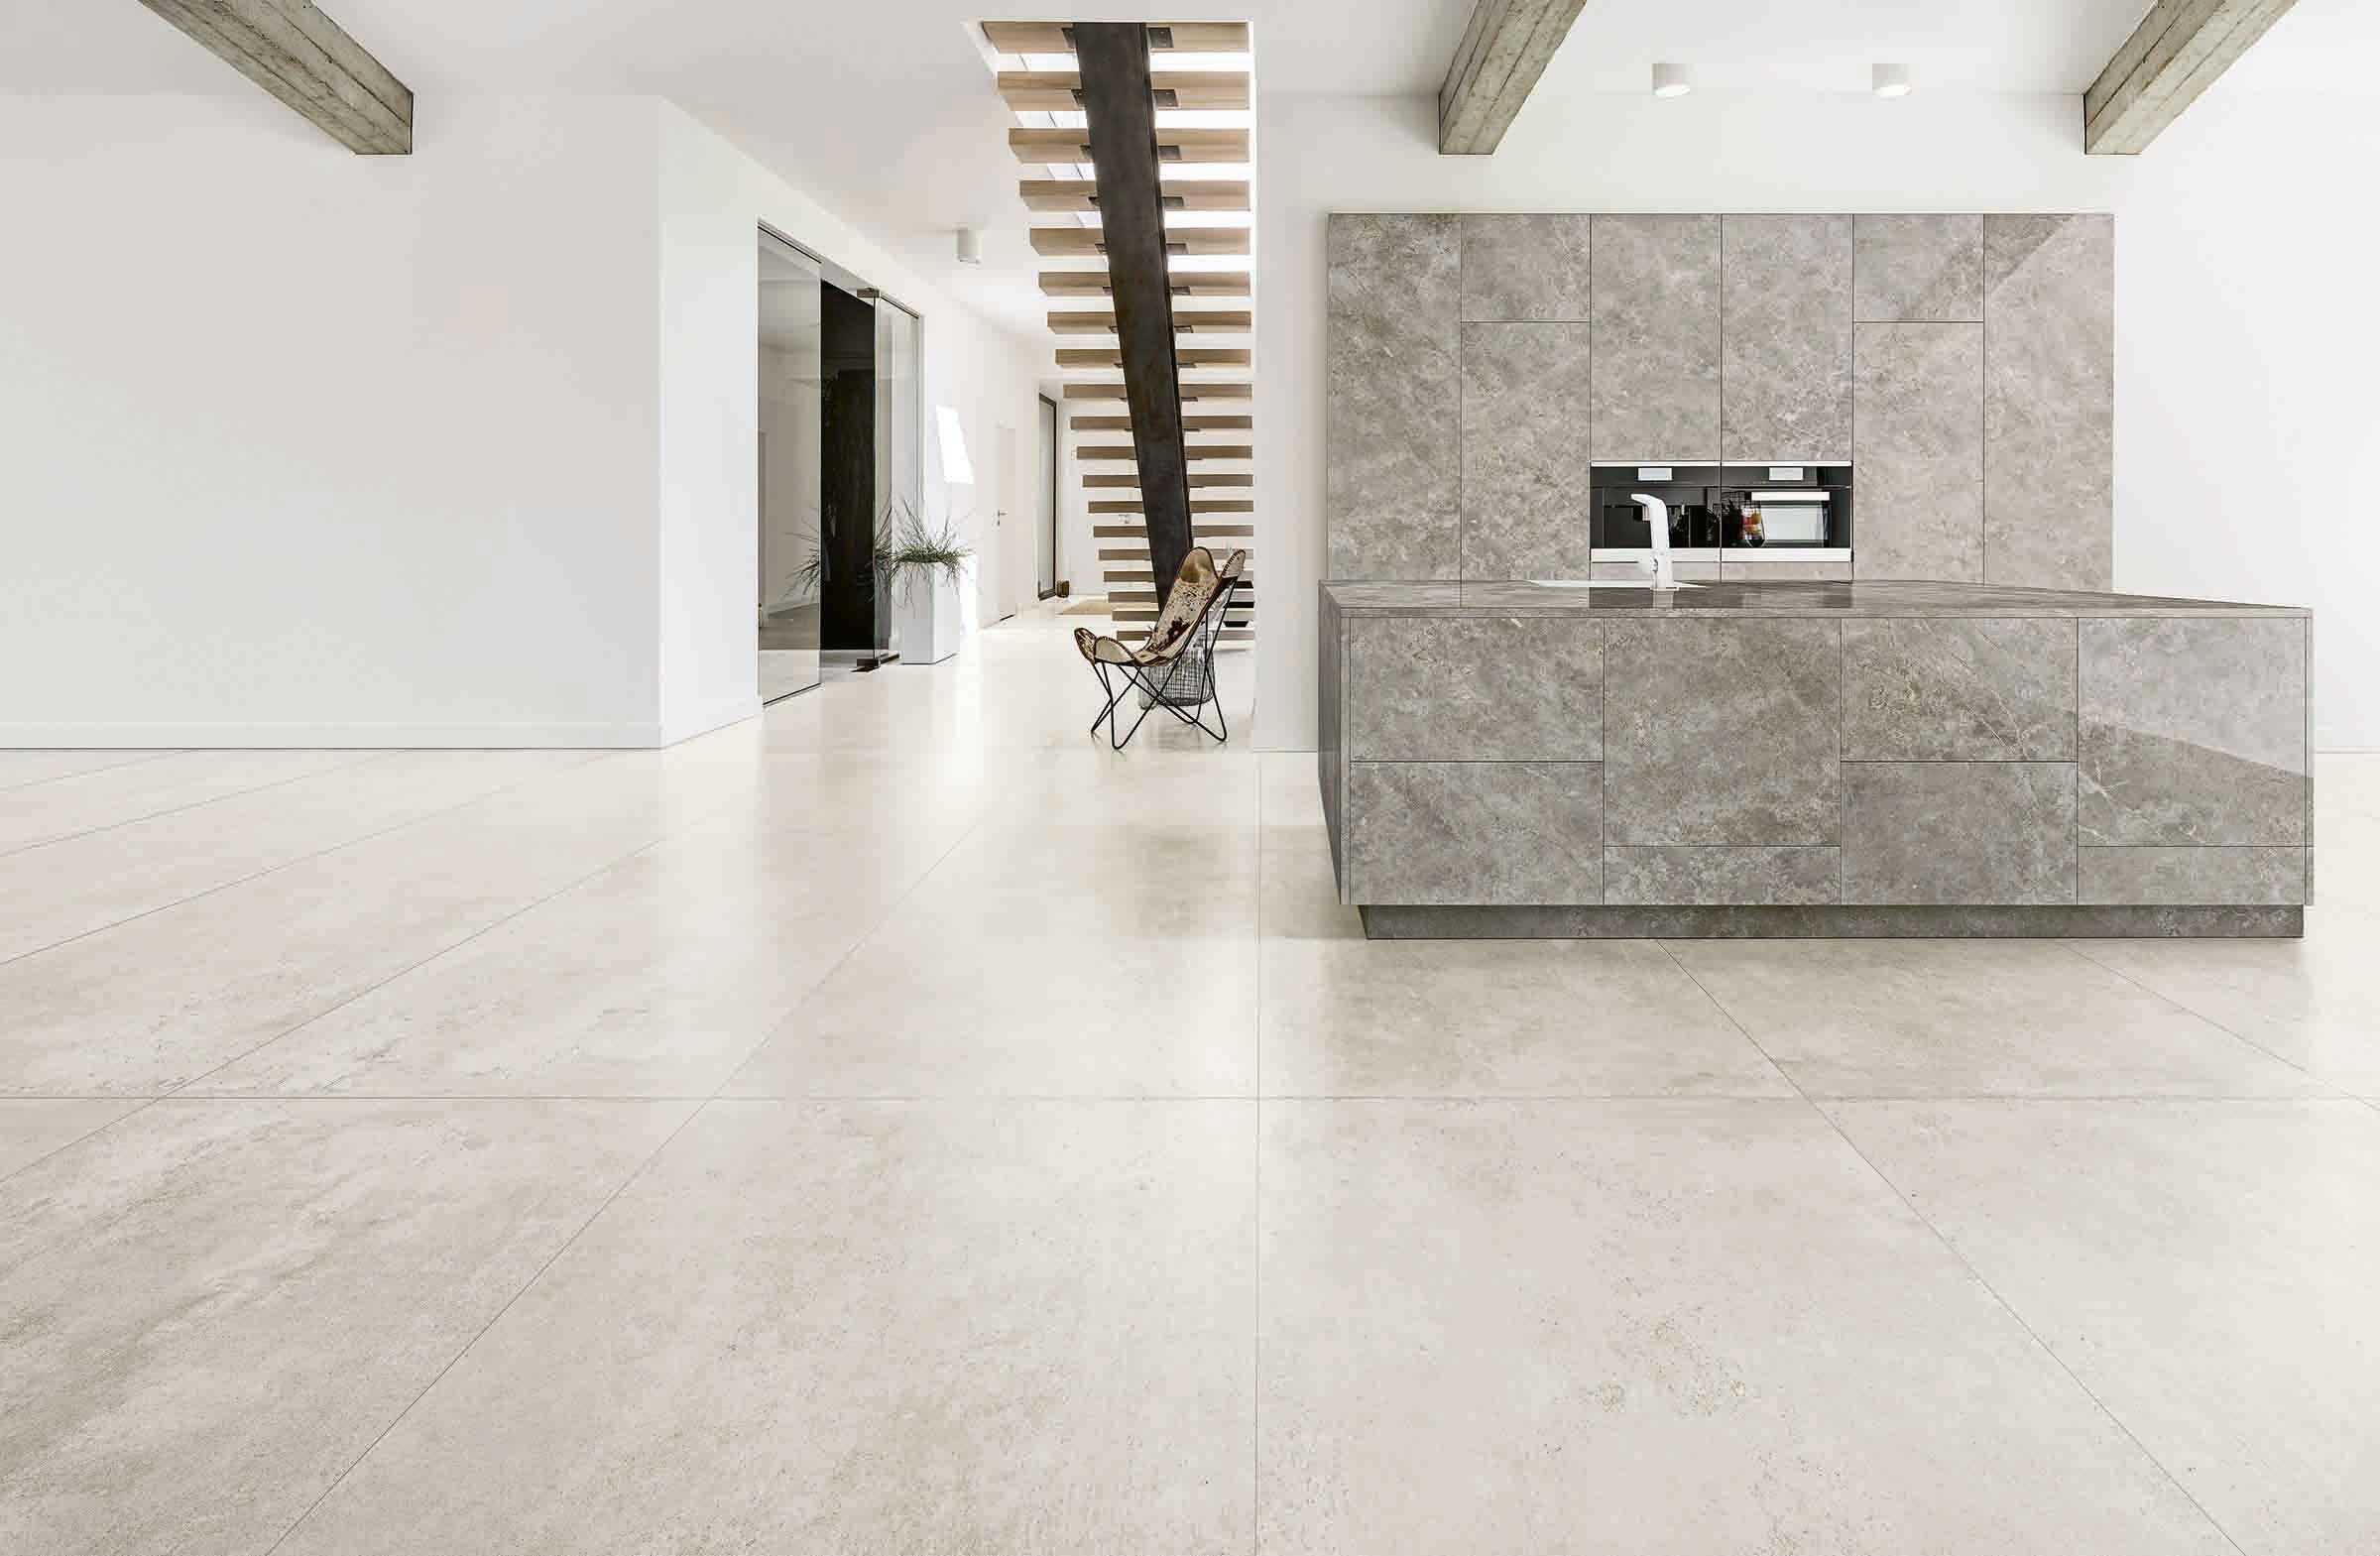 La nuova texture FIOR DI BOSCO di ARIOSTEA, brand della Holding Iris Ceramica Group